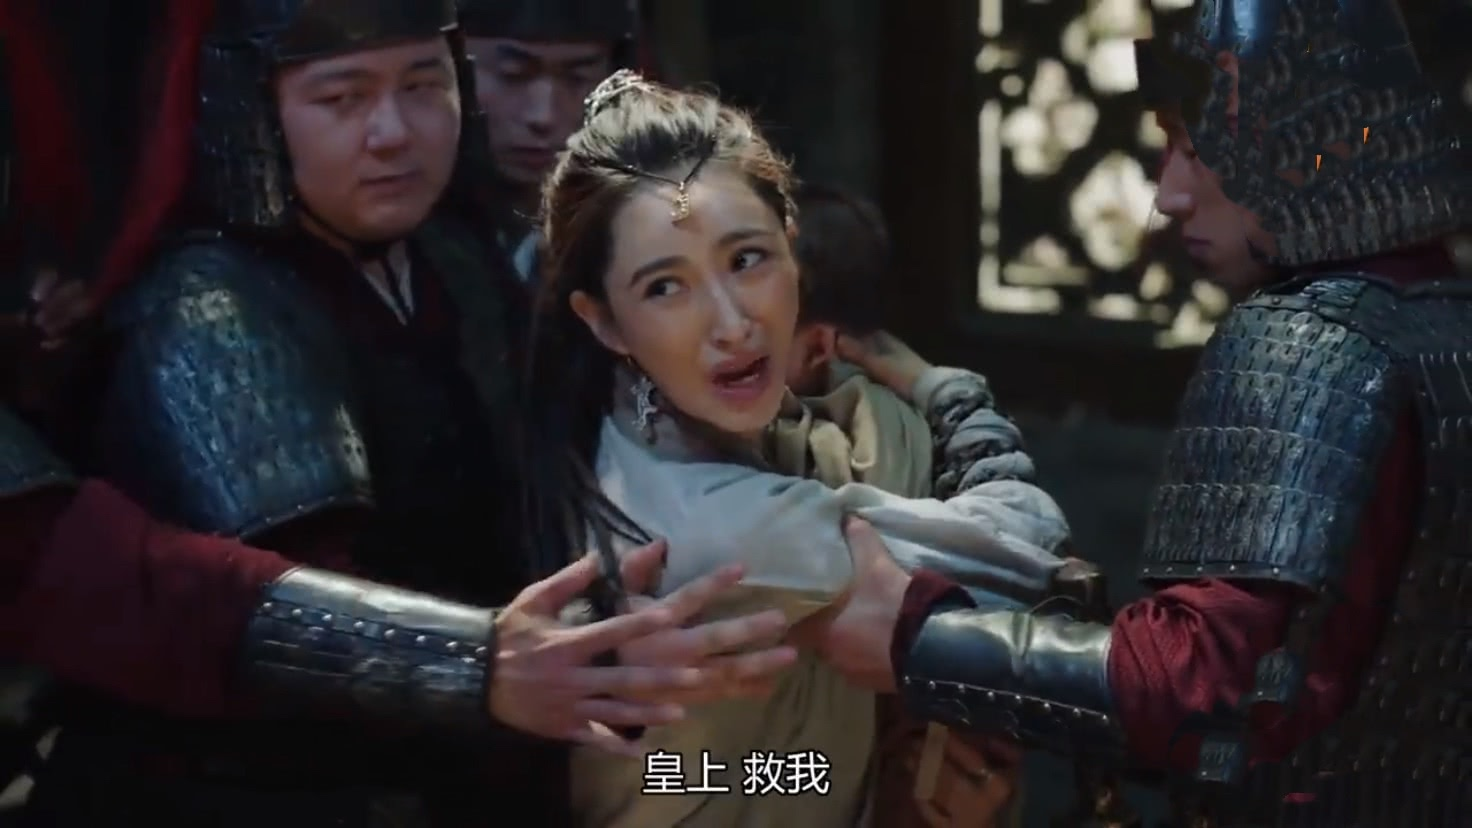 《大明风华》朱祁镇回家后被辱,其木格被杀,朱祁镇开始崛起了